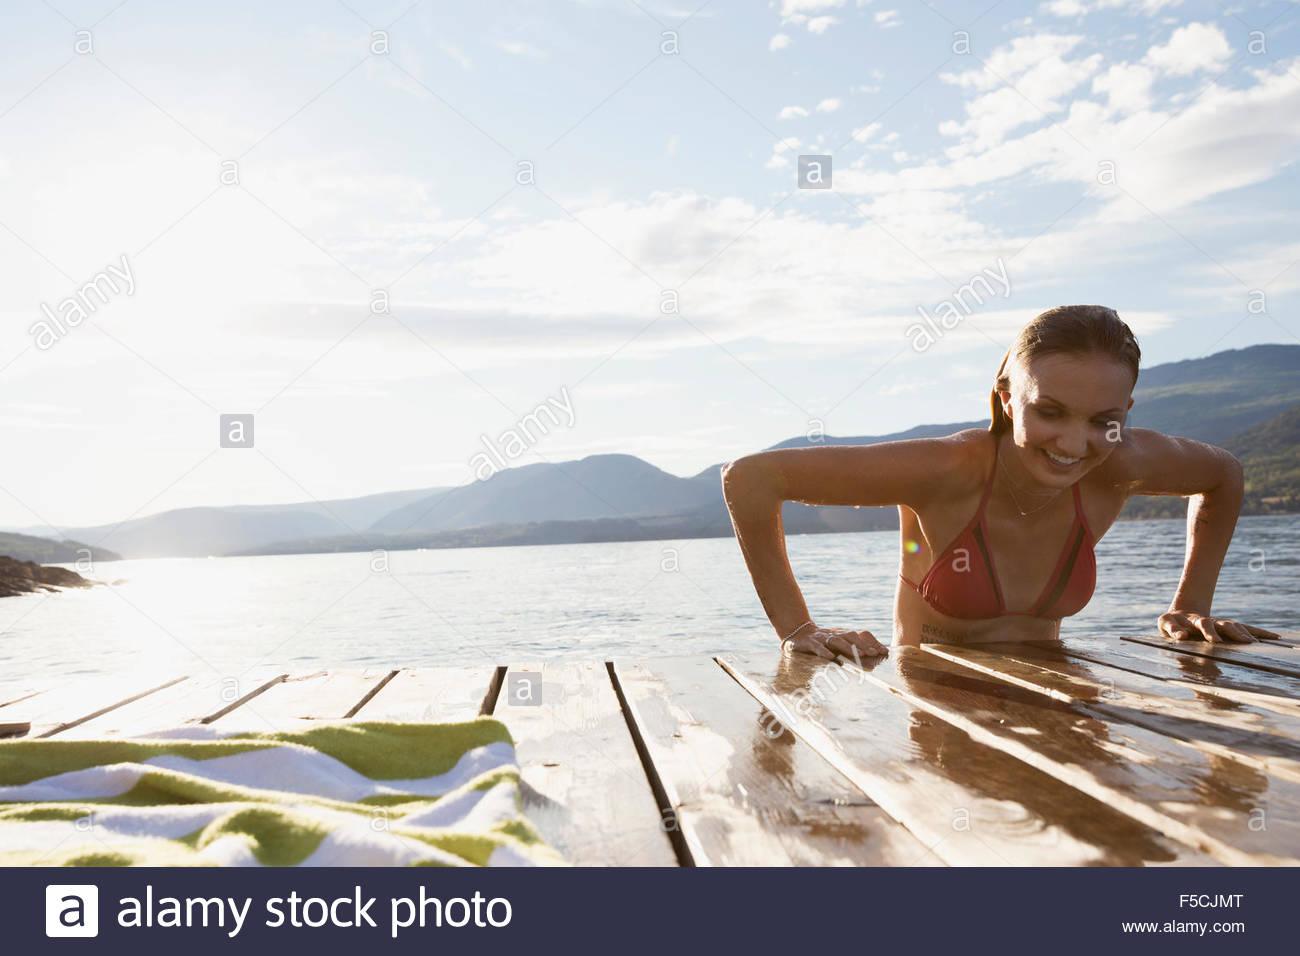 Young woman climbing onto lake dock - Stock Image